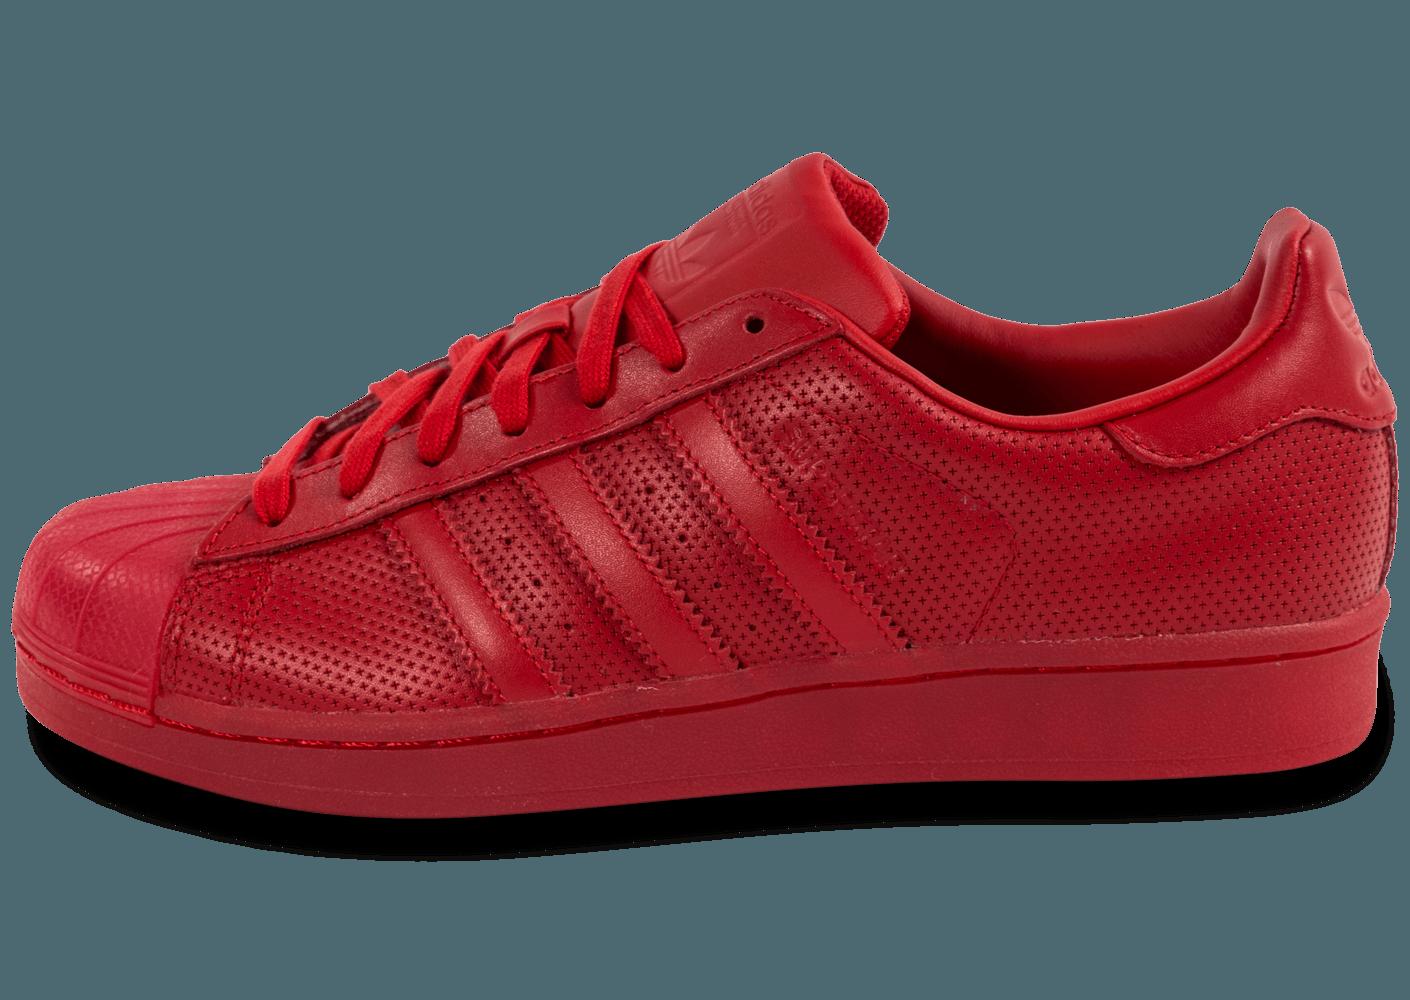 100% Authentique adidas superstar adicolor rouge Outlet en ligne